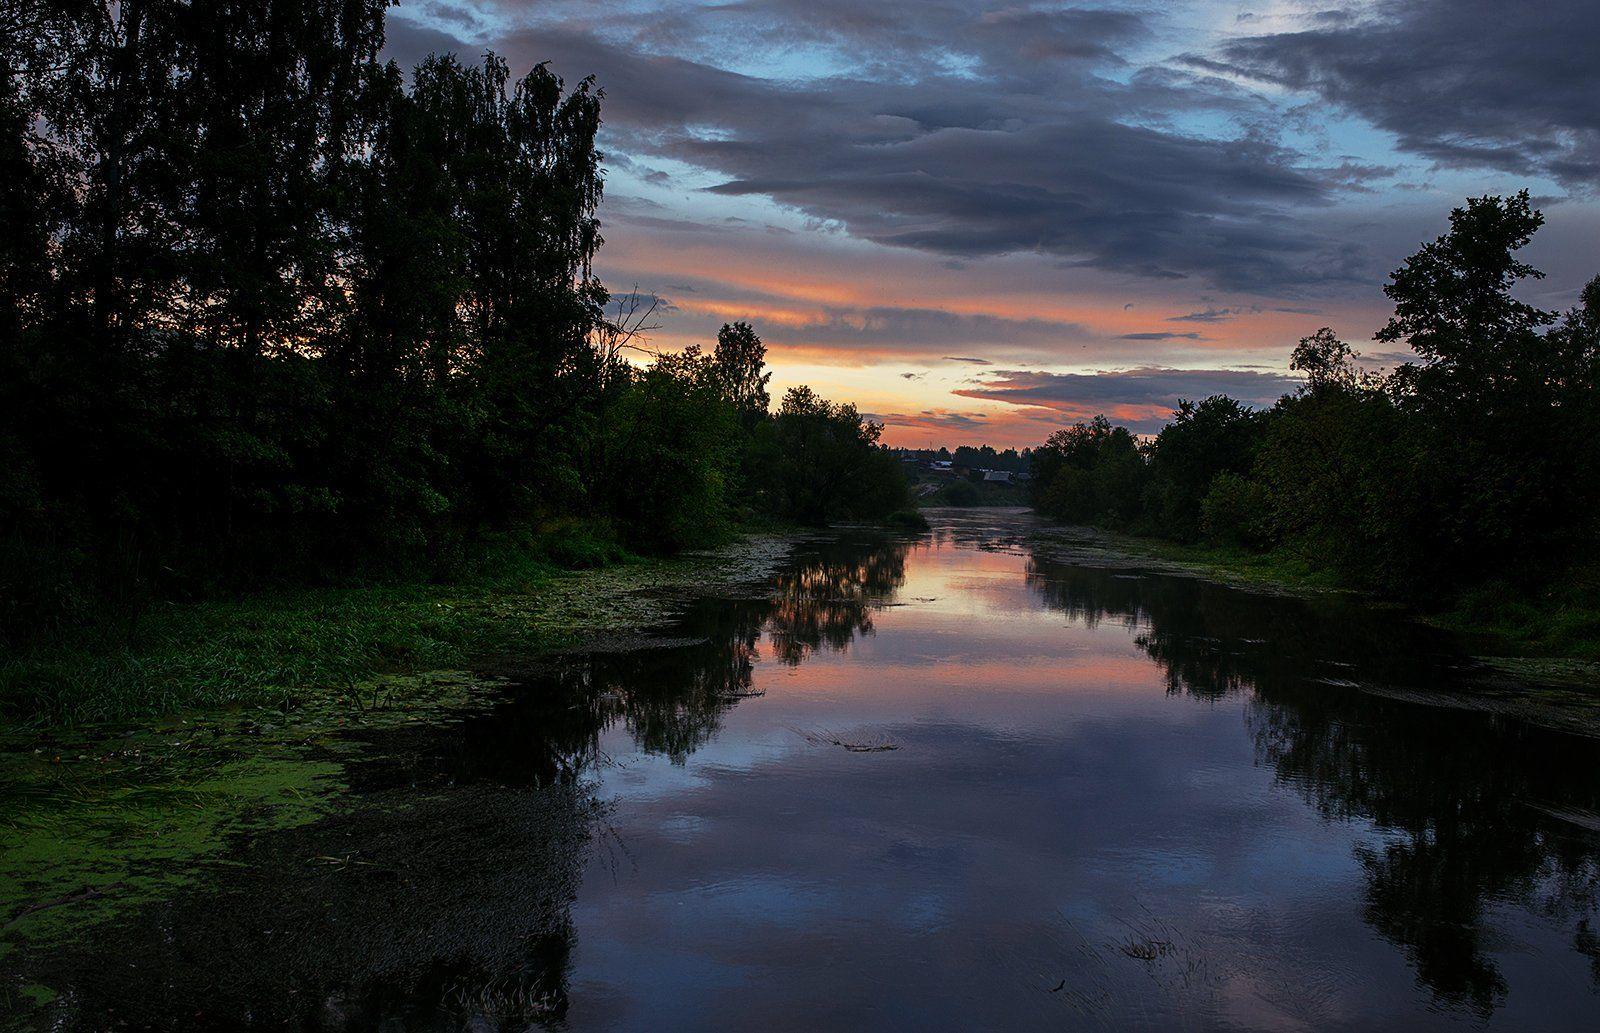 вечер, закат, лето, река, деревня, южный урал, Евгений Толкачёв